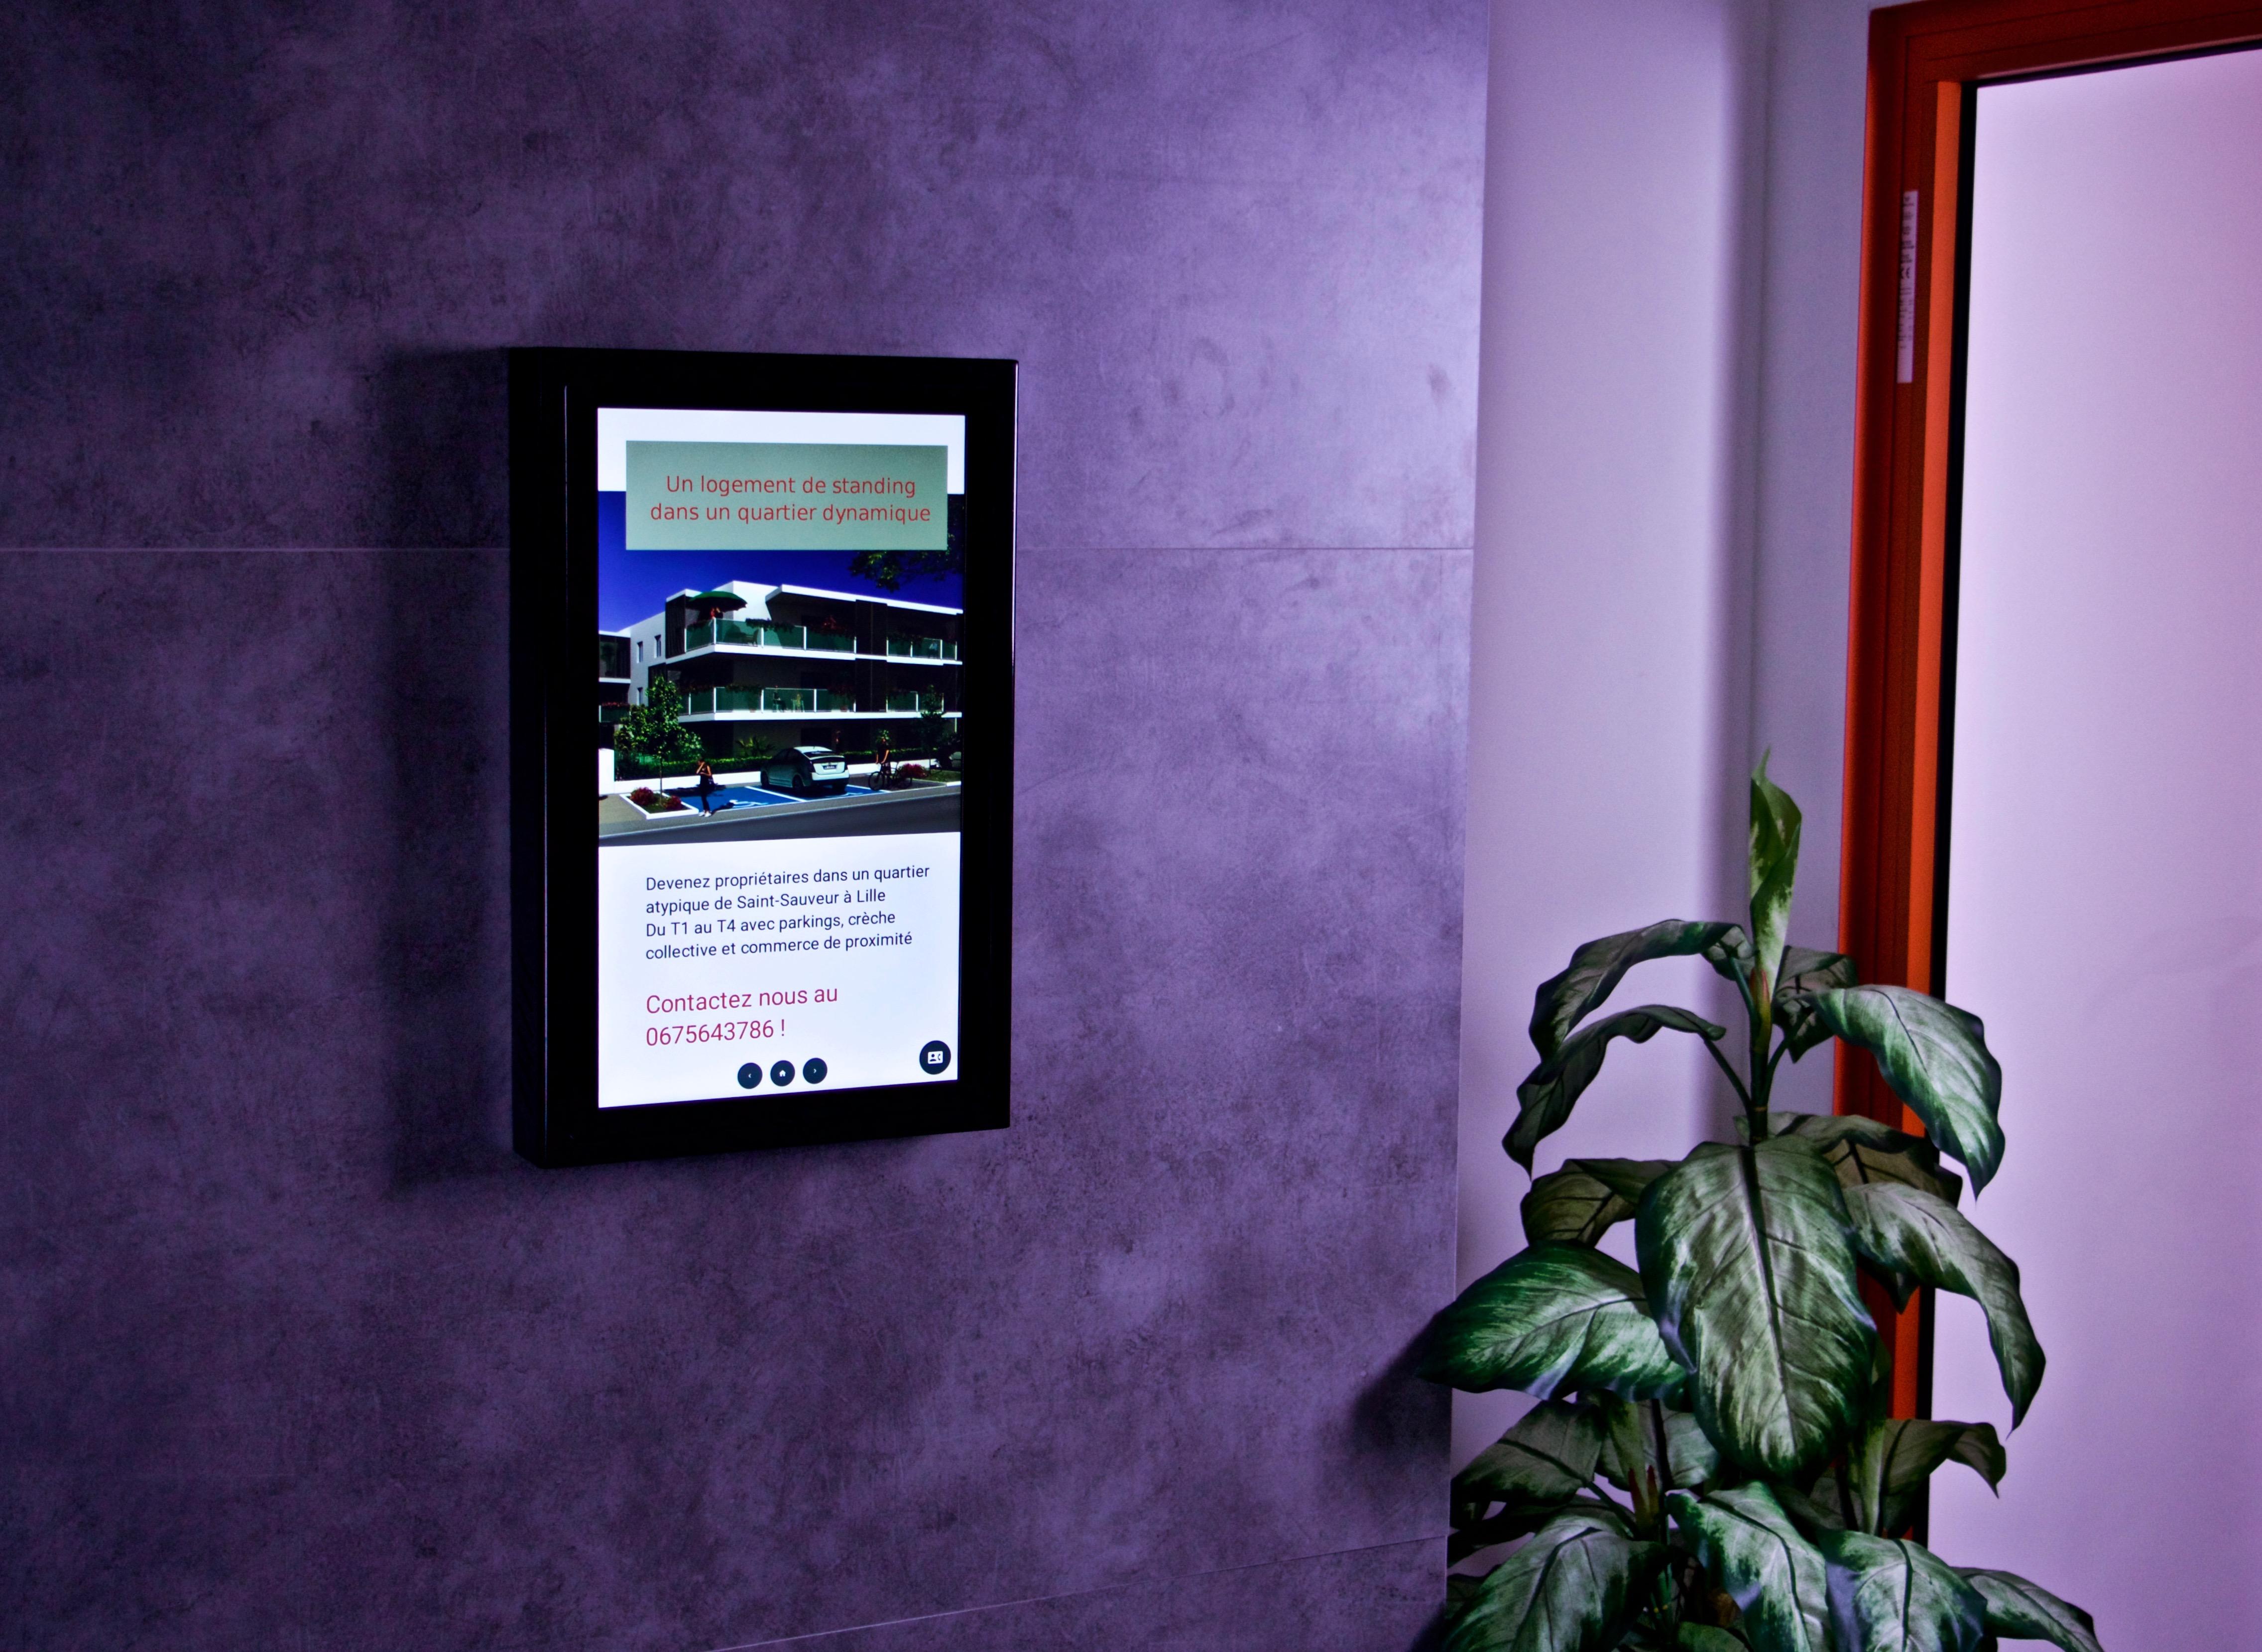 Oecko : une nouvelle start-up de l'habitat connecté